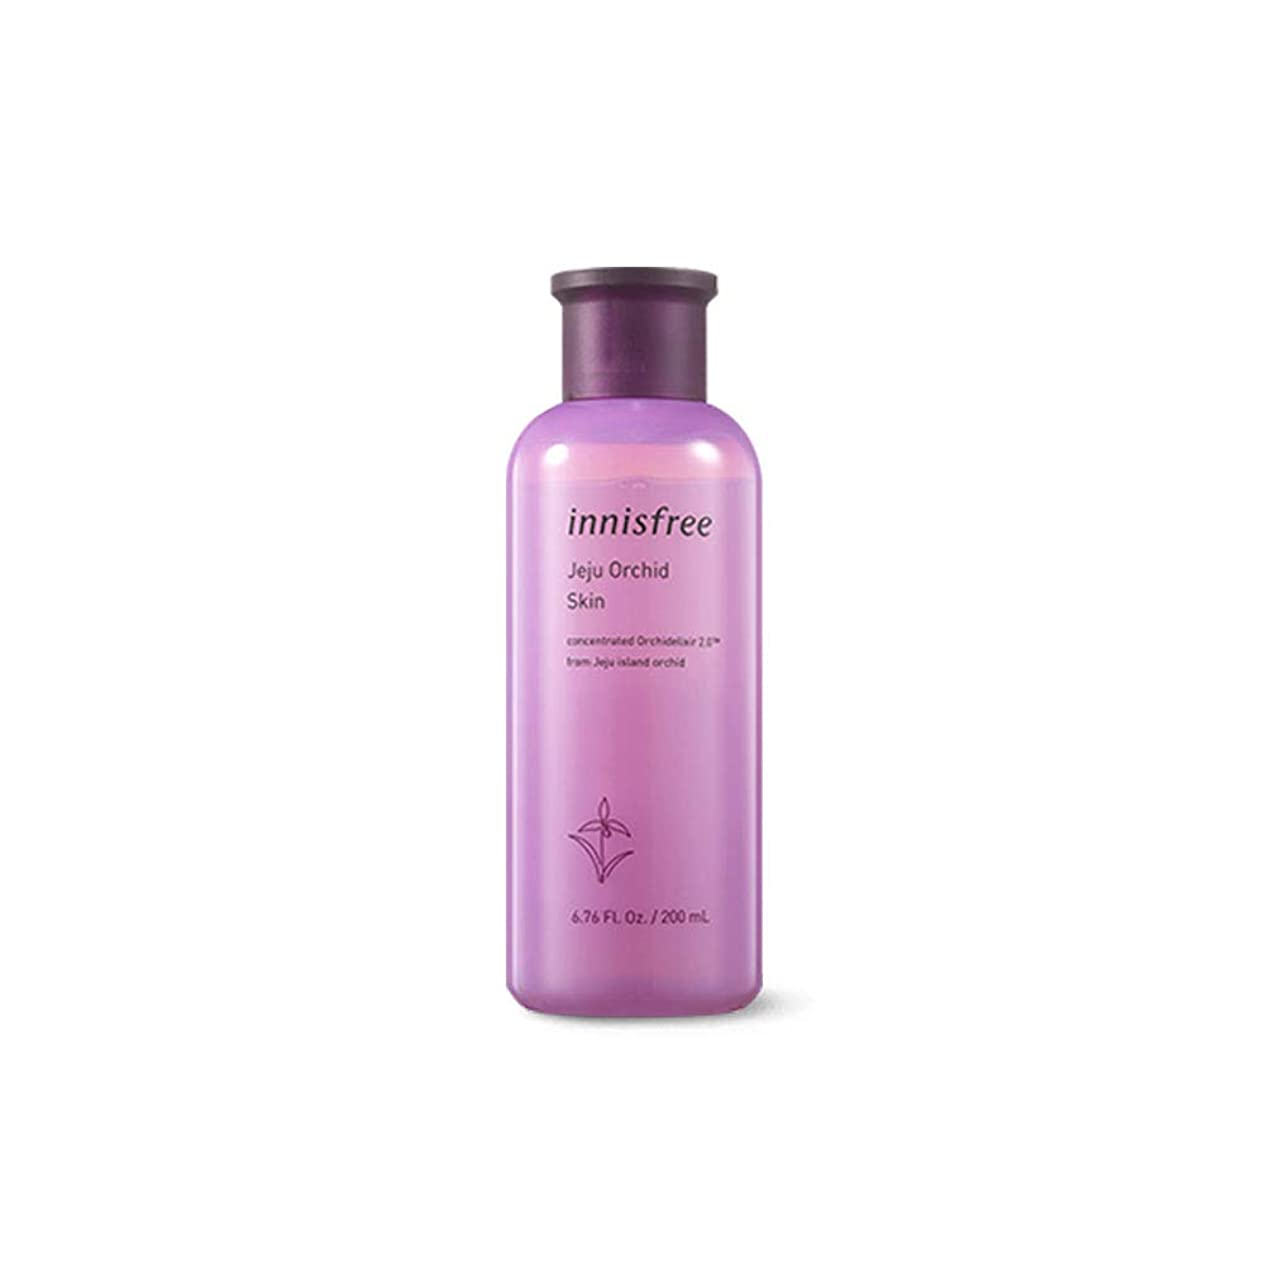 永遠の借りる通行料金[イニスプリー]Innisfree 寒暖スキン(200ml) 新商品入荷 Innisfree Orchid Skin (200ml) New Arrival [海外直送品]